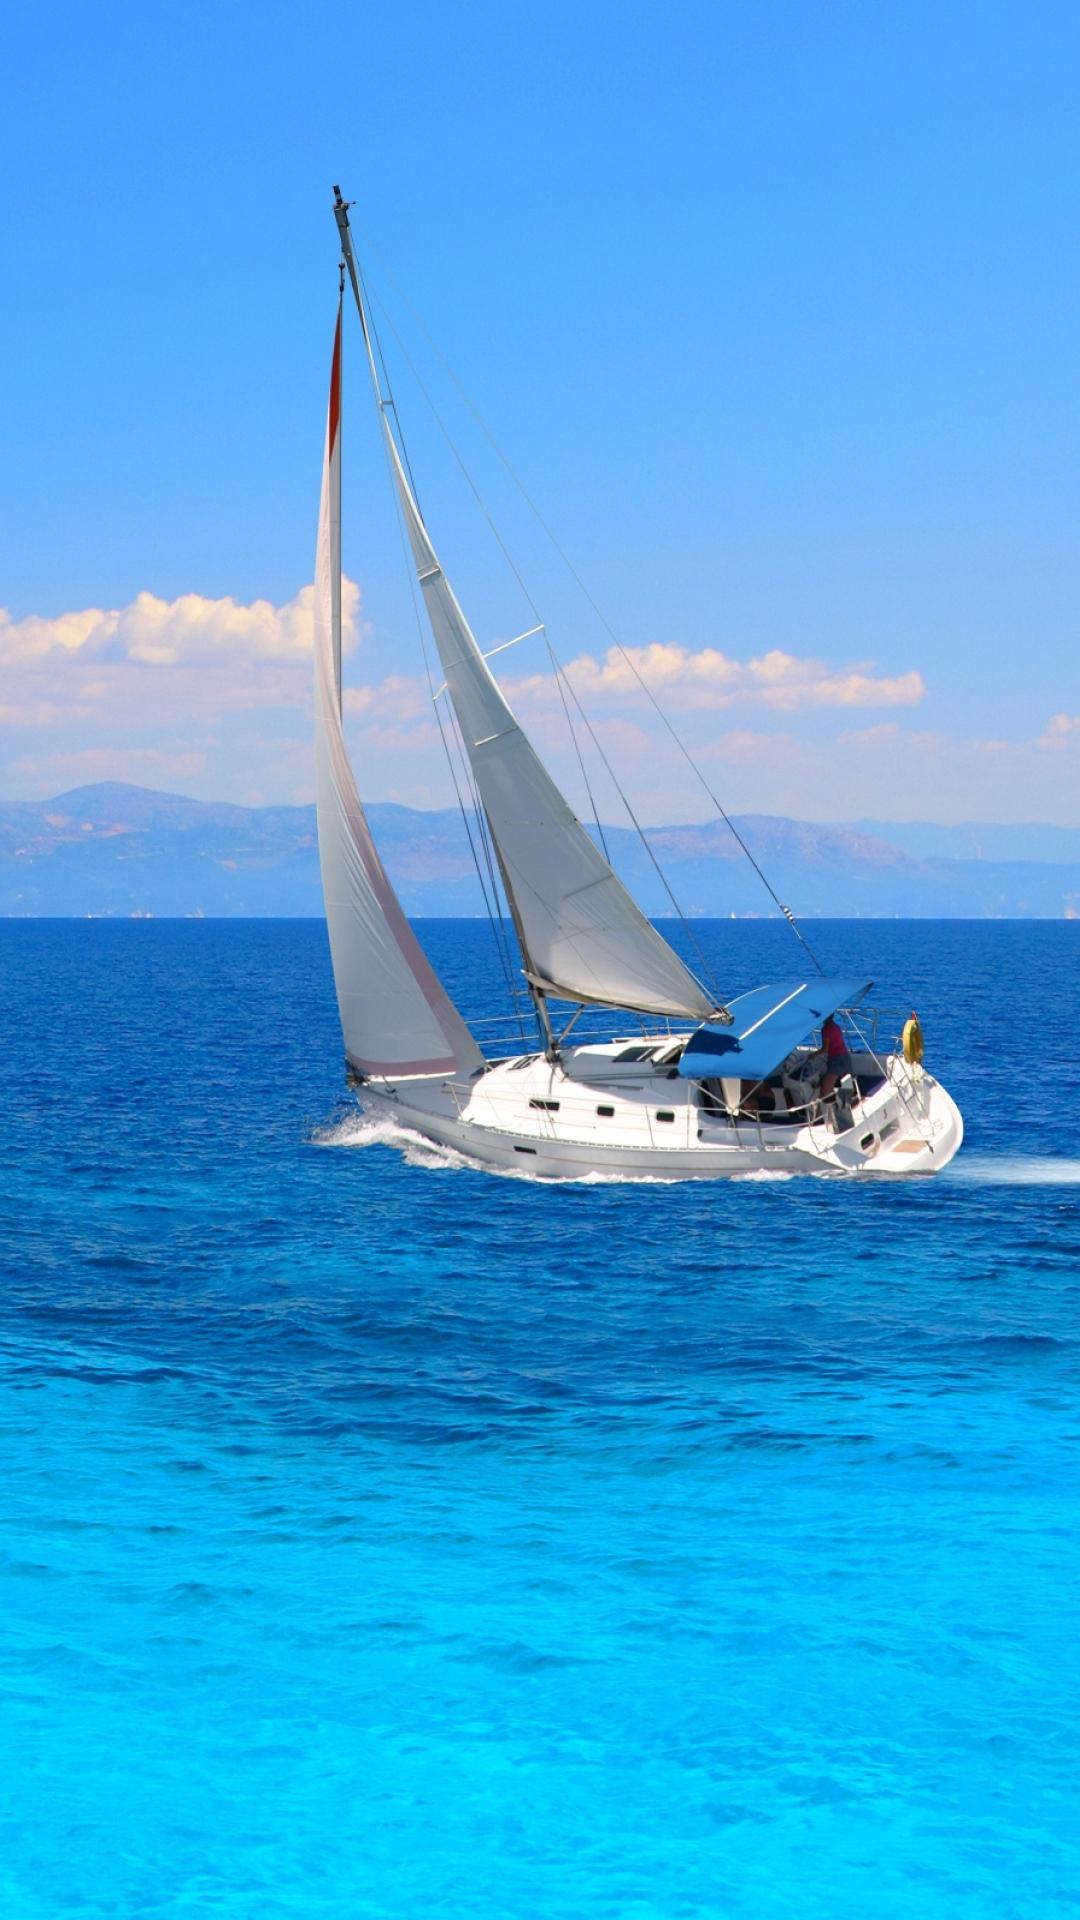 Iphone wallpaper yacht - Wallpaper 562433